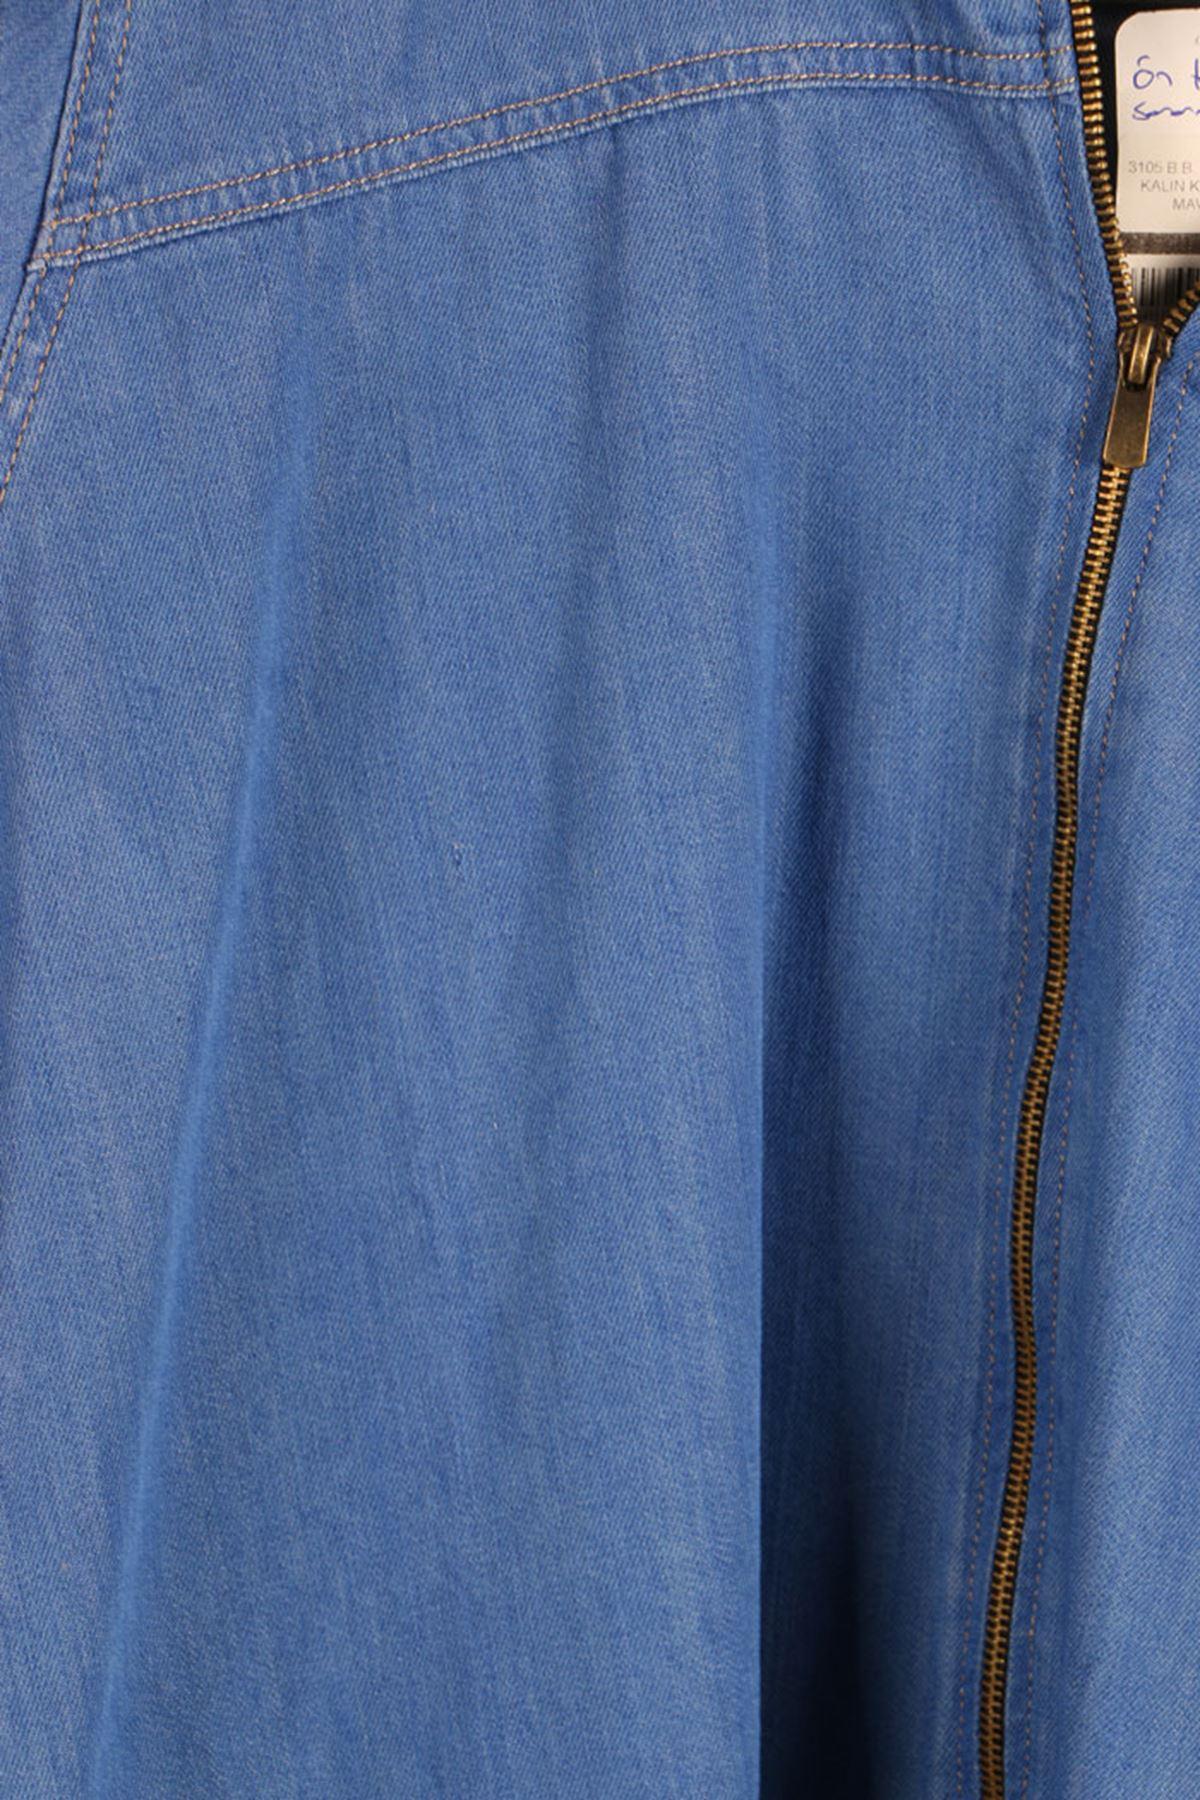 D-3105 Büyük Beden Defolu Fermuarlı Kalın Kot Kap- Mavi